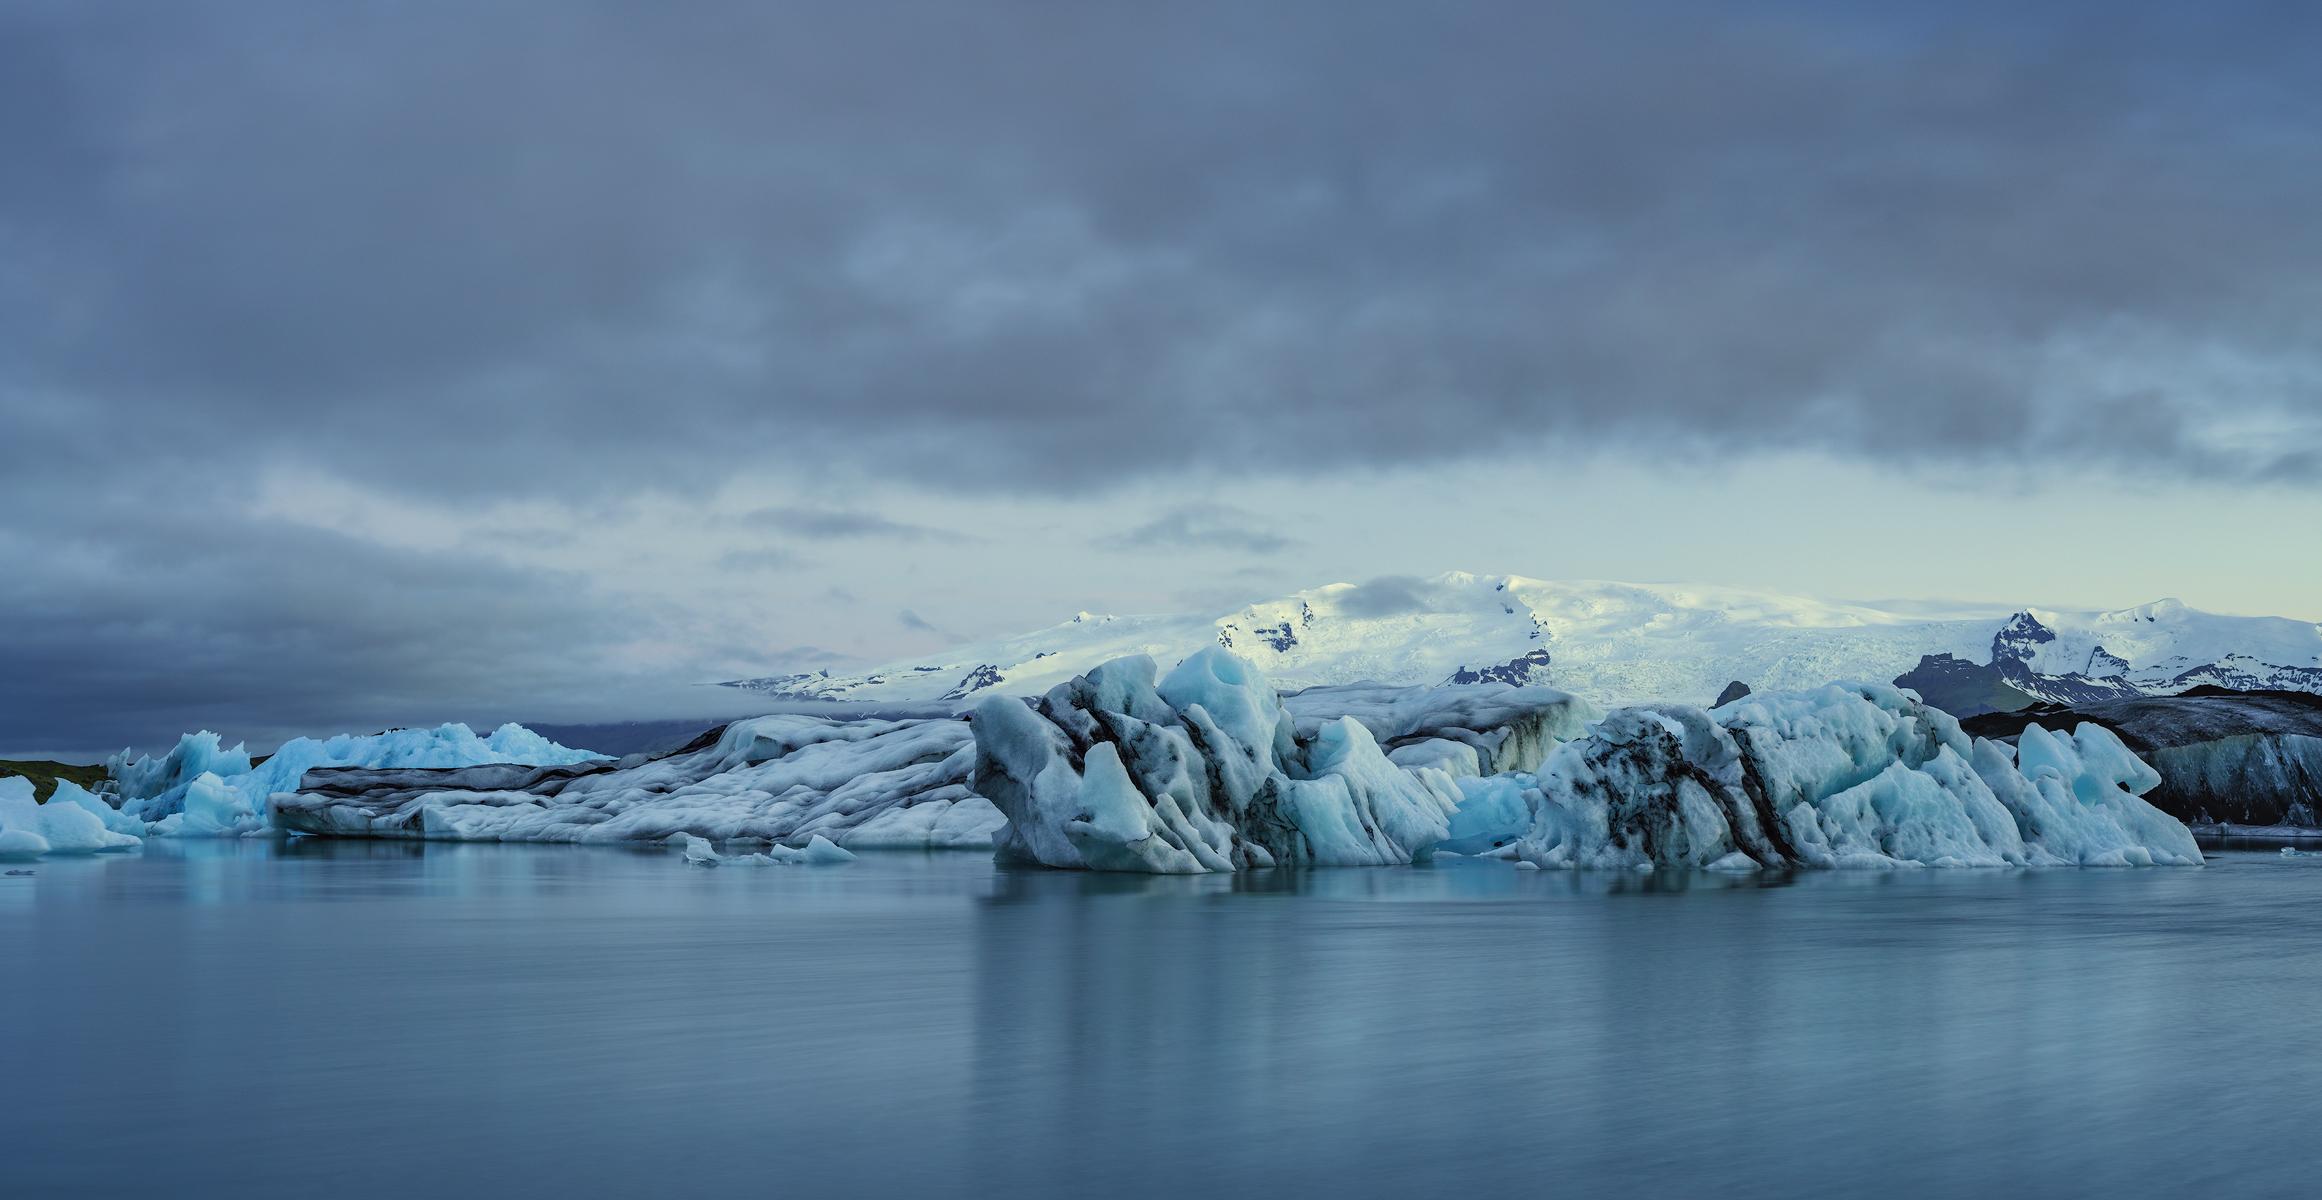 Ice from Breiðamerkurjökull drifts in Jölkúsarlón Glacial Lagoon.